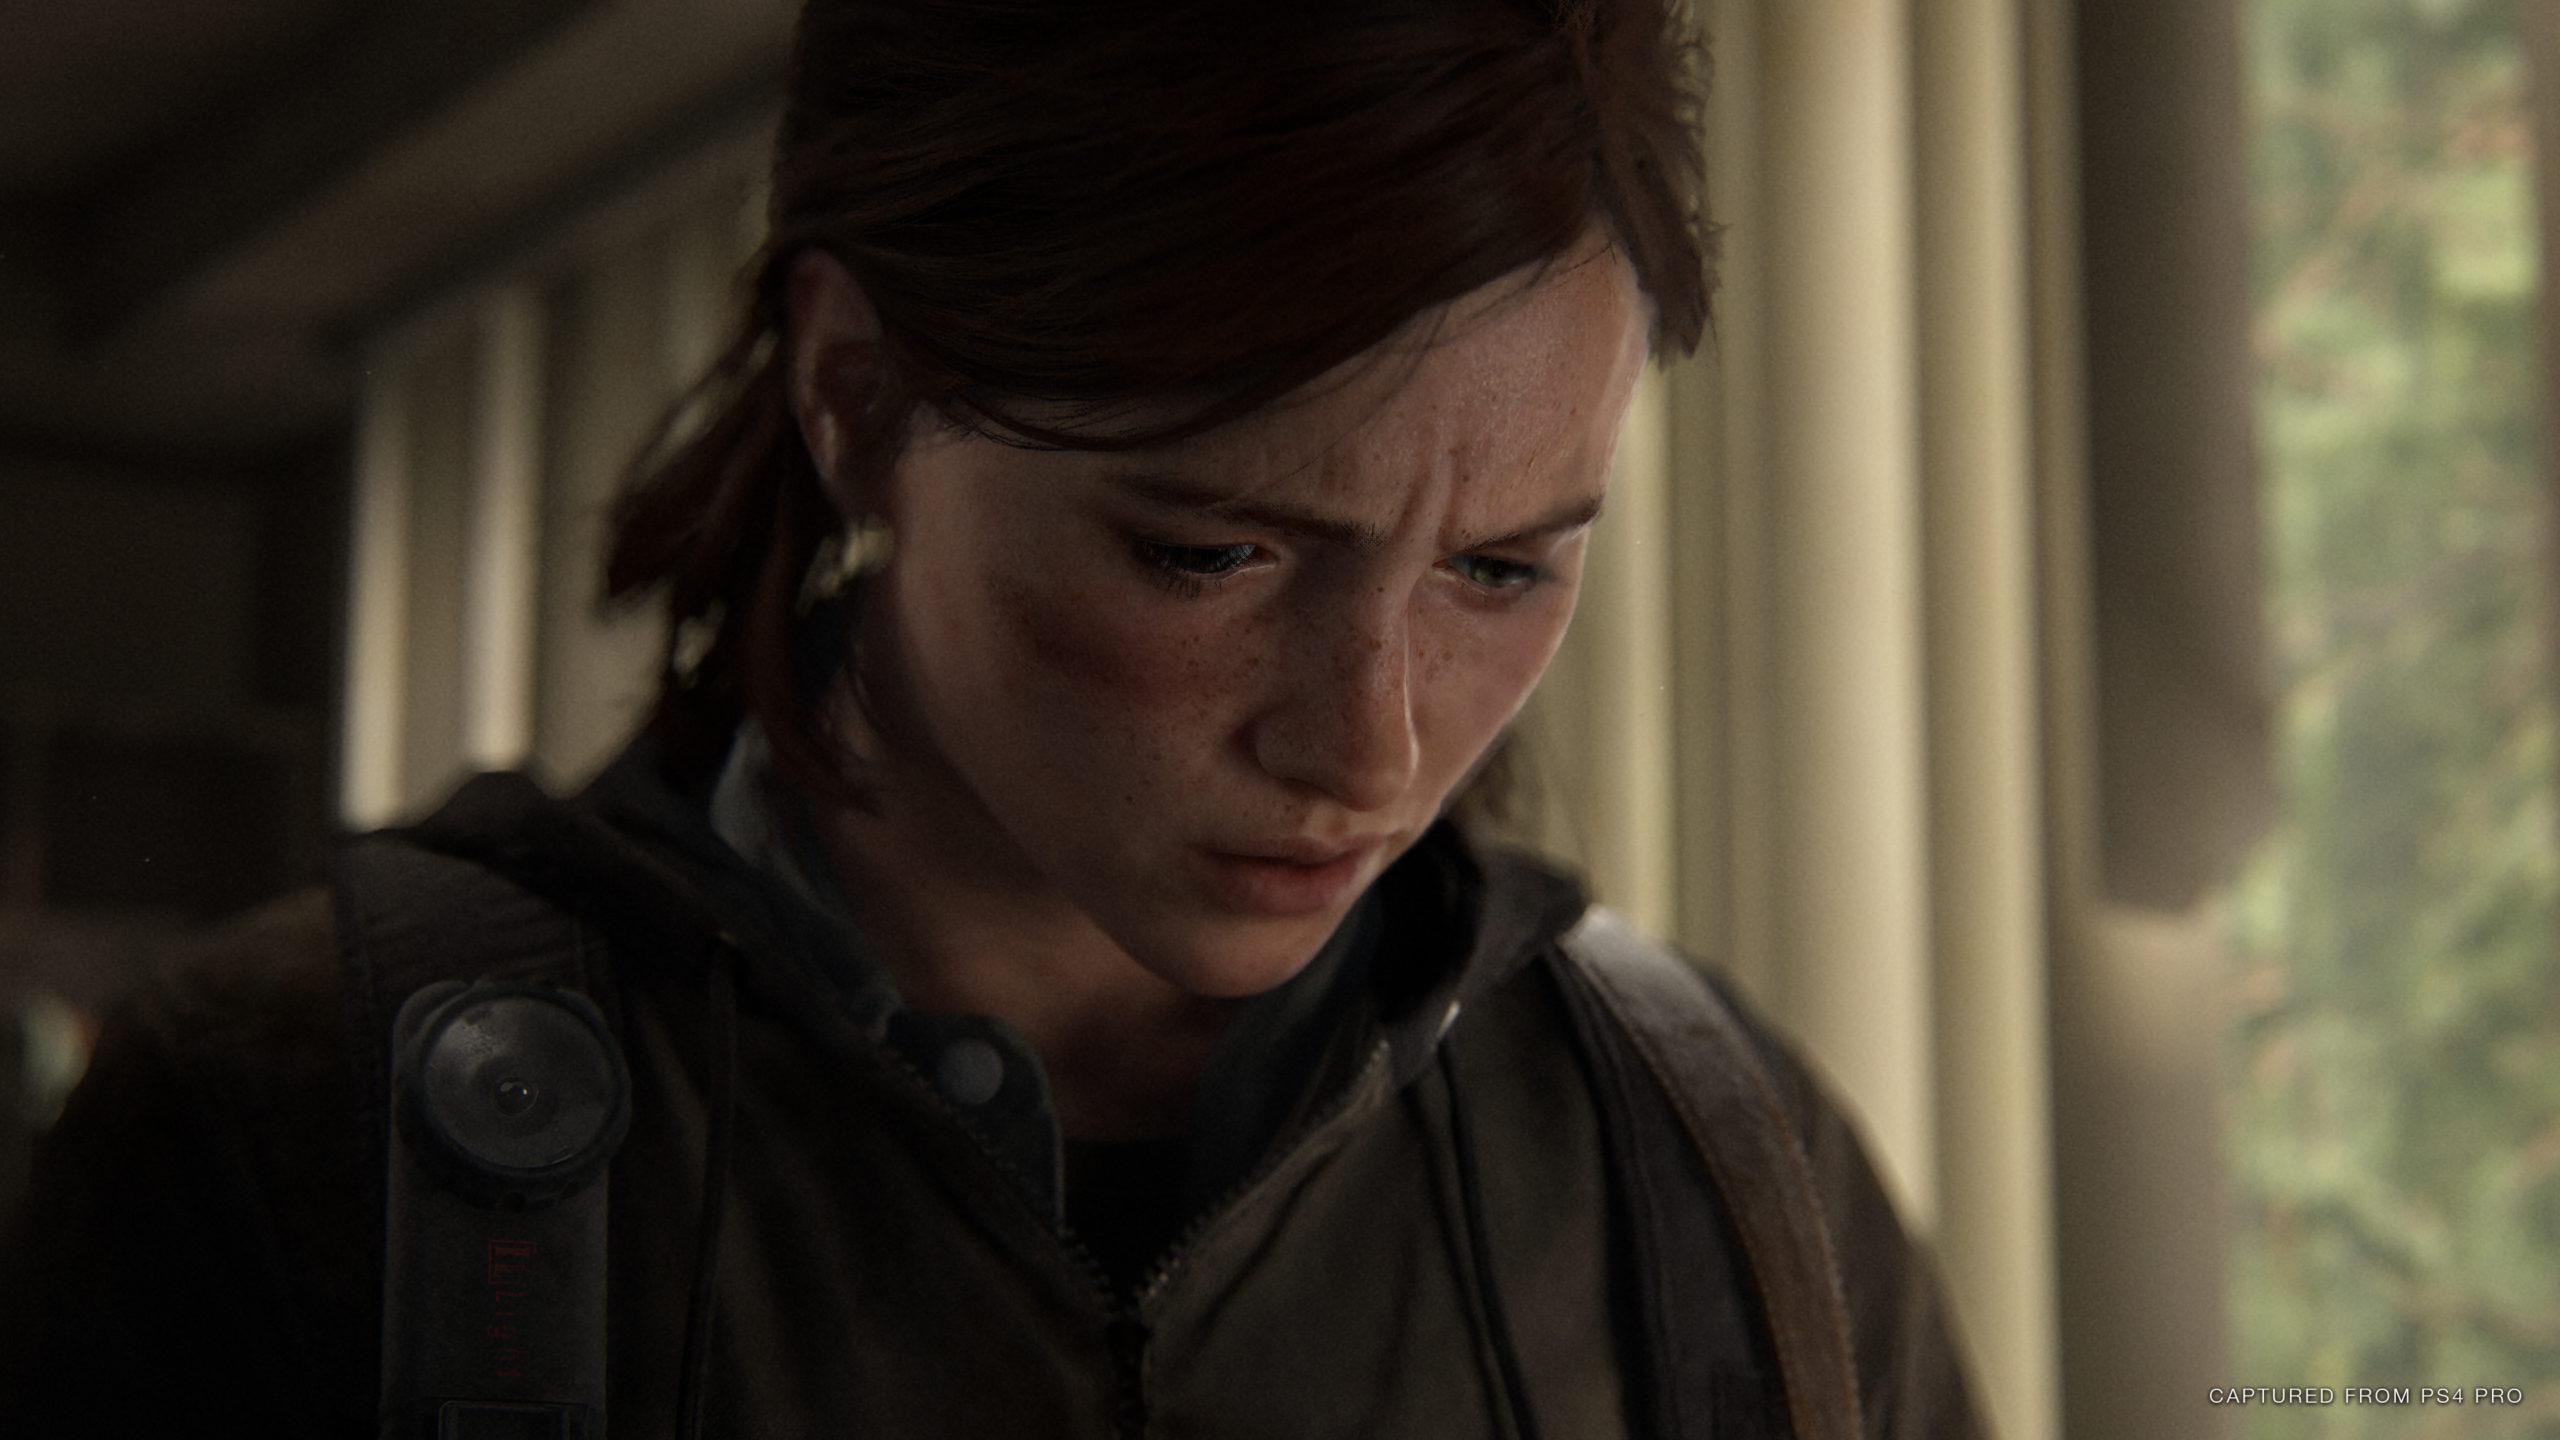 Detailreiche Ellie sieht etwas unbekanntes verwundert an